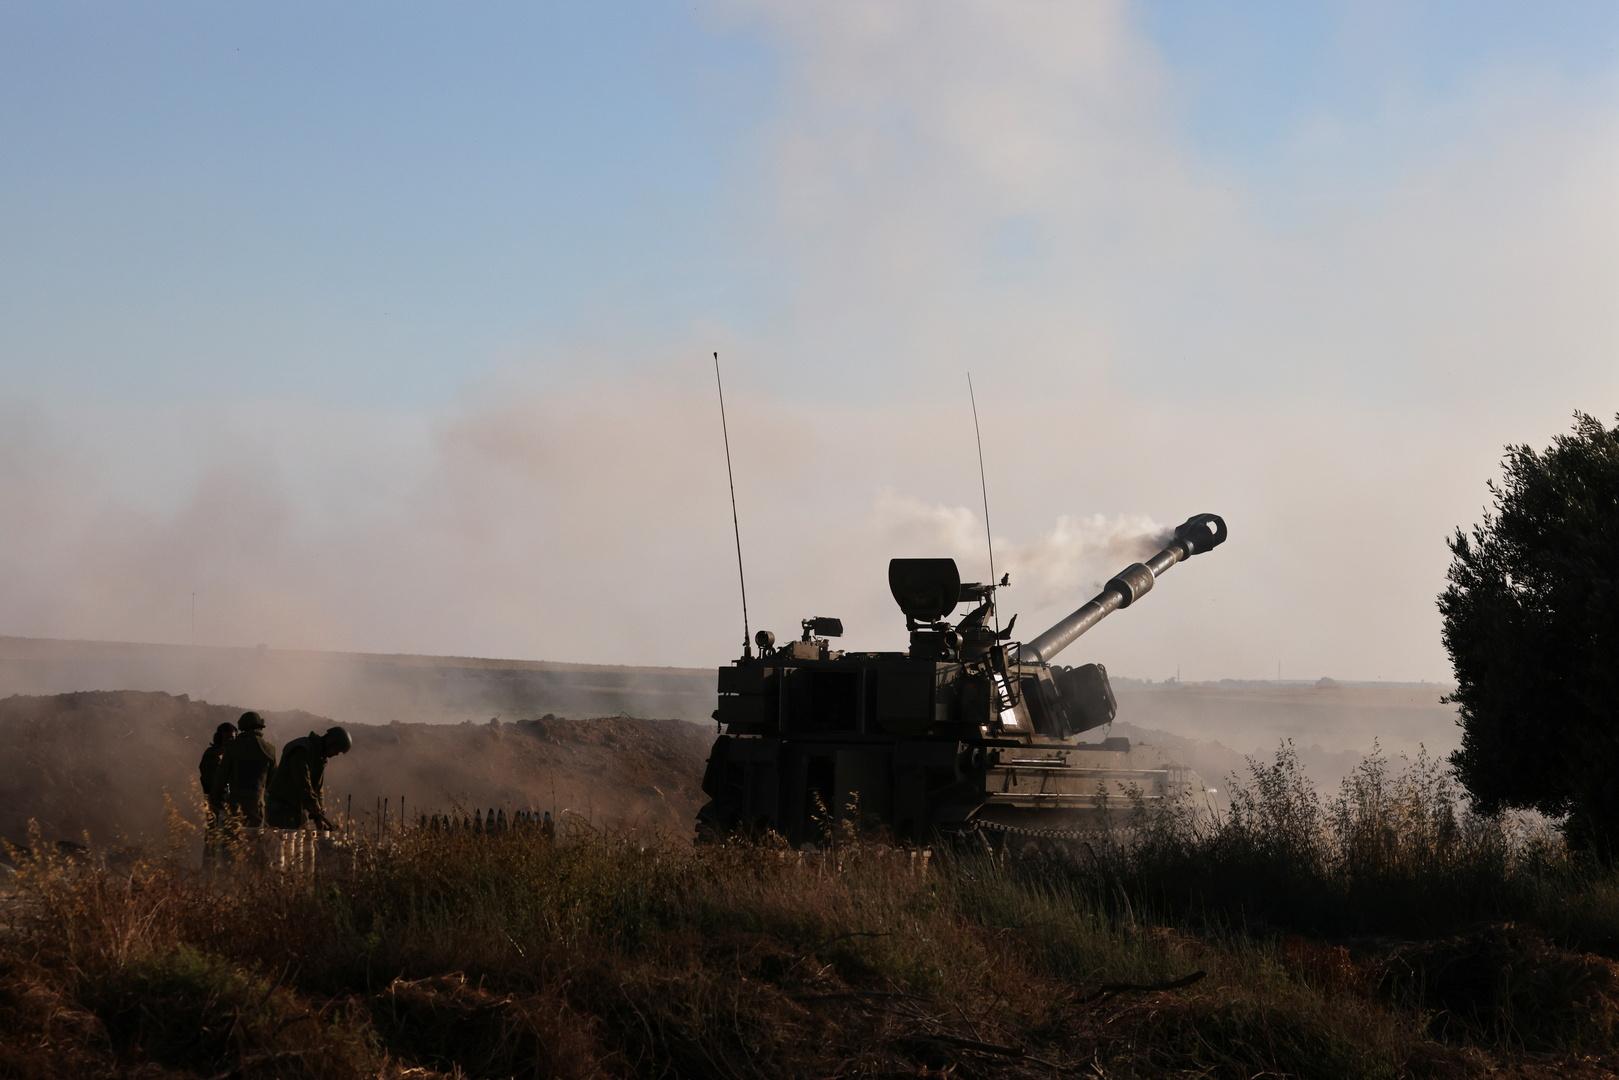 الجيش الإسرائيلي يقصف مناطق في جنوب لبنان بعد هجوم صاروخي جديد